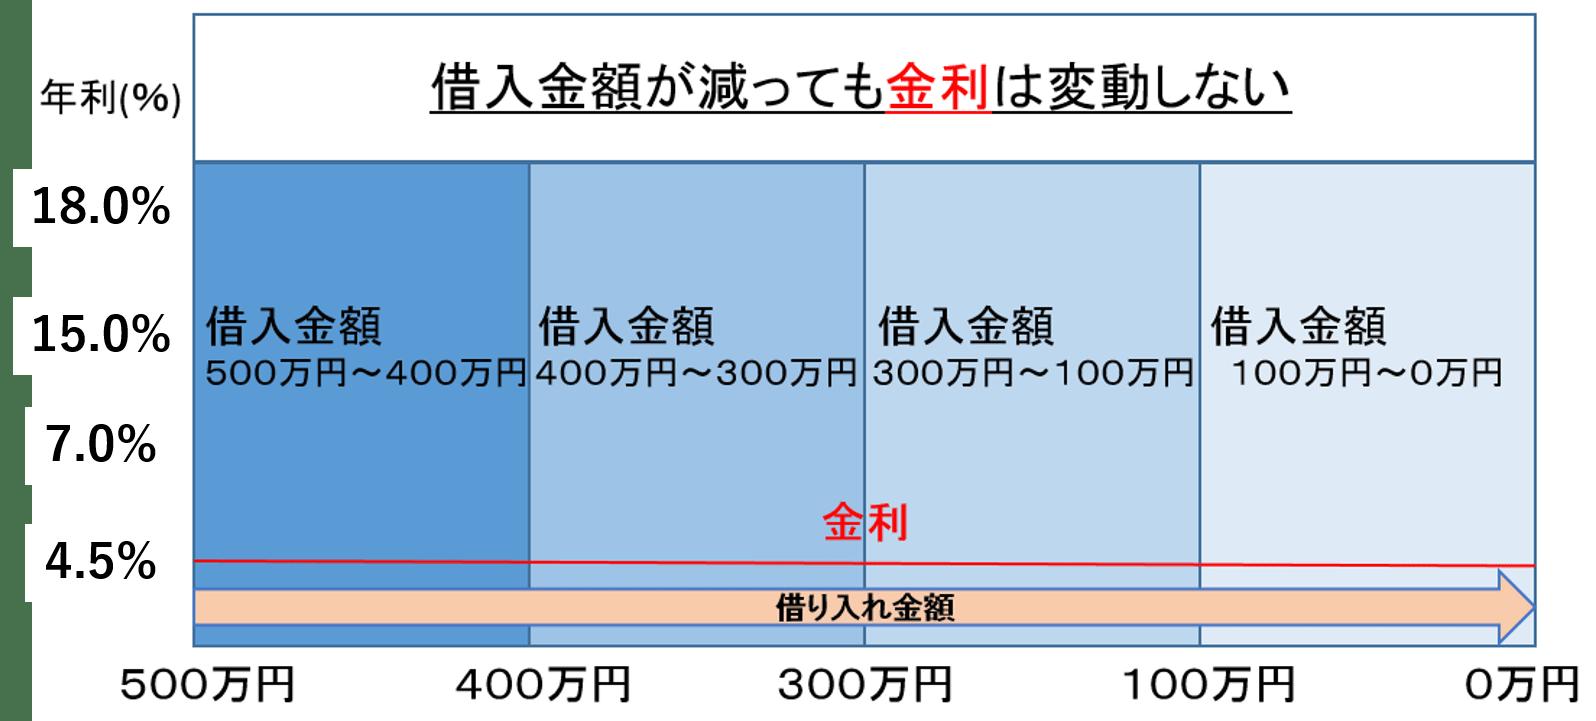 金利と借入額のグラフ②